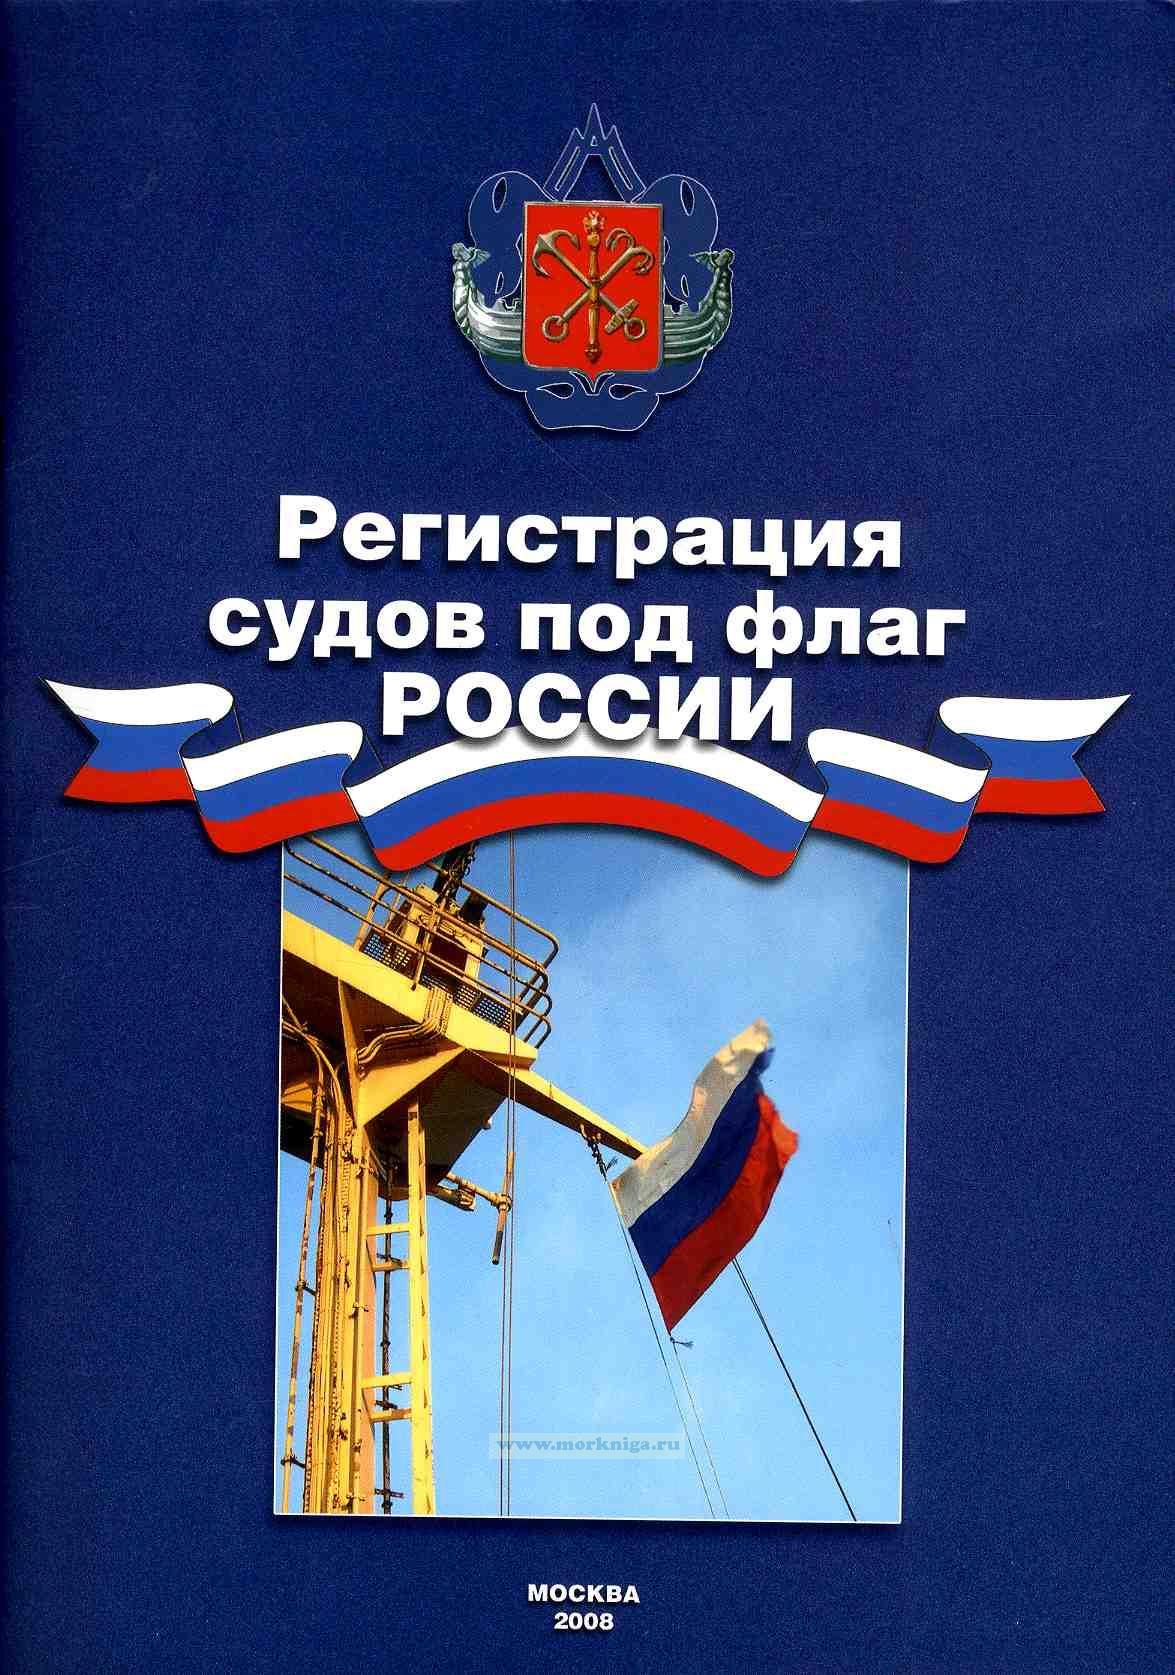 Регистрация судов под флаг России. Пособие по подготовке и оформлению документов на регистрацию судна